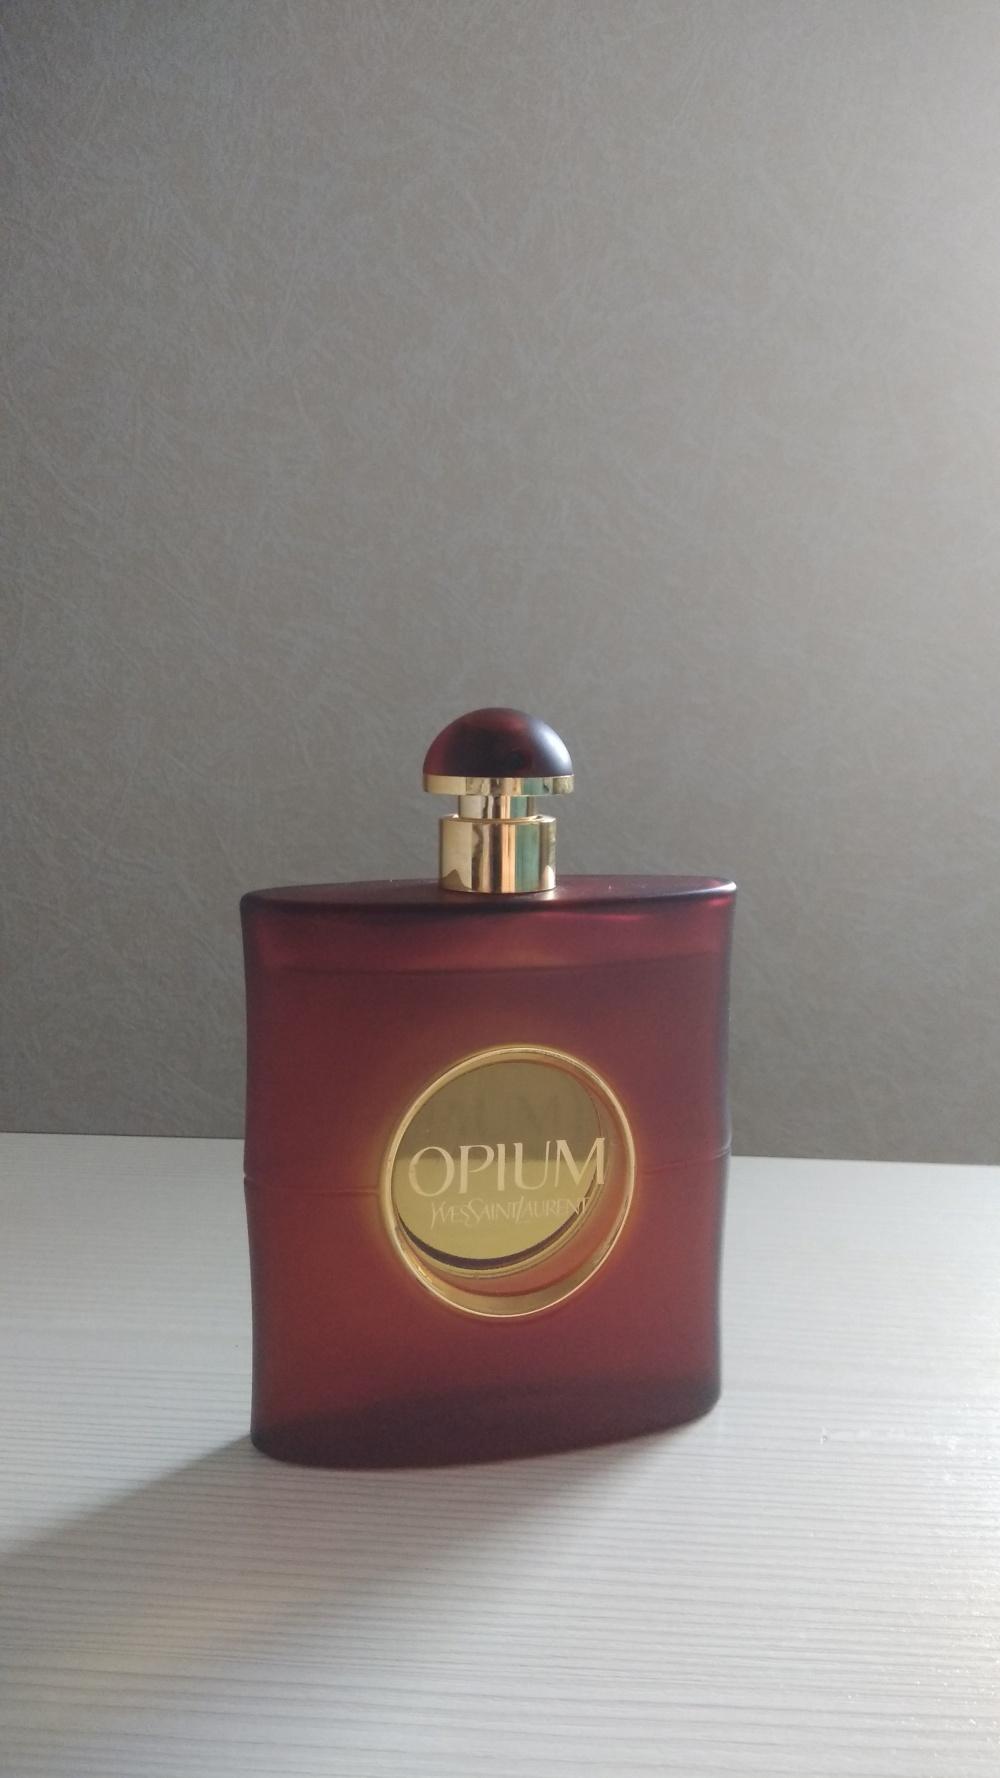 Yves Saint Laurent женская туалетная вода Opium, 80/90 мл